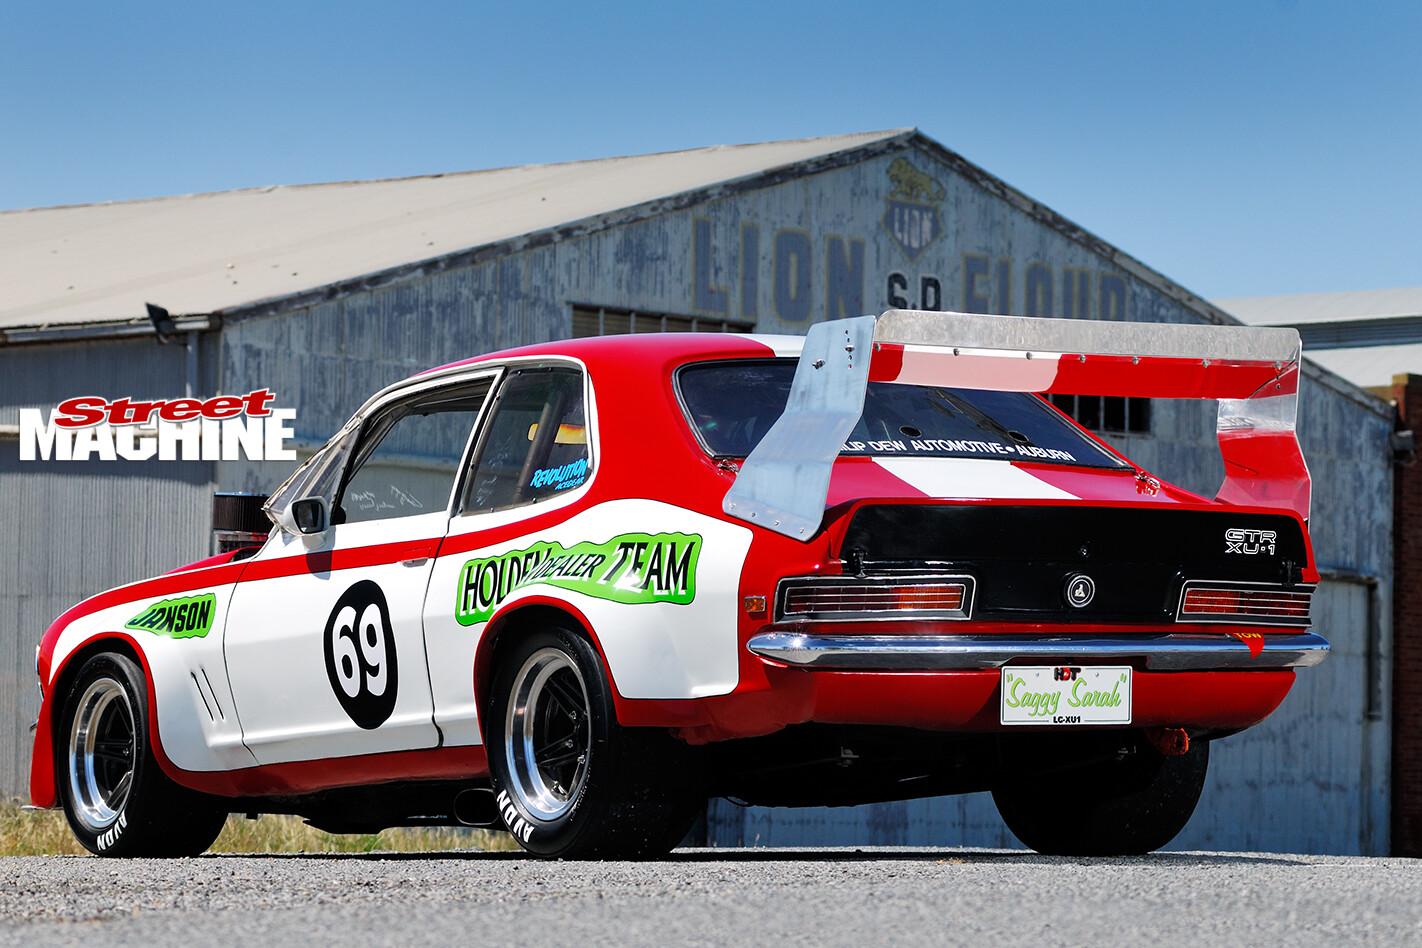 Holden -Torana -XU1-Saggy -Sarah -rear